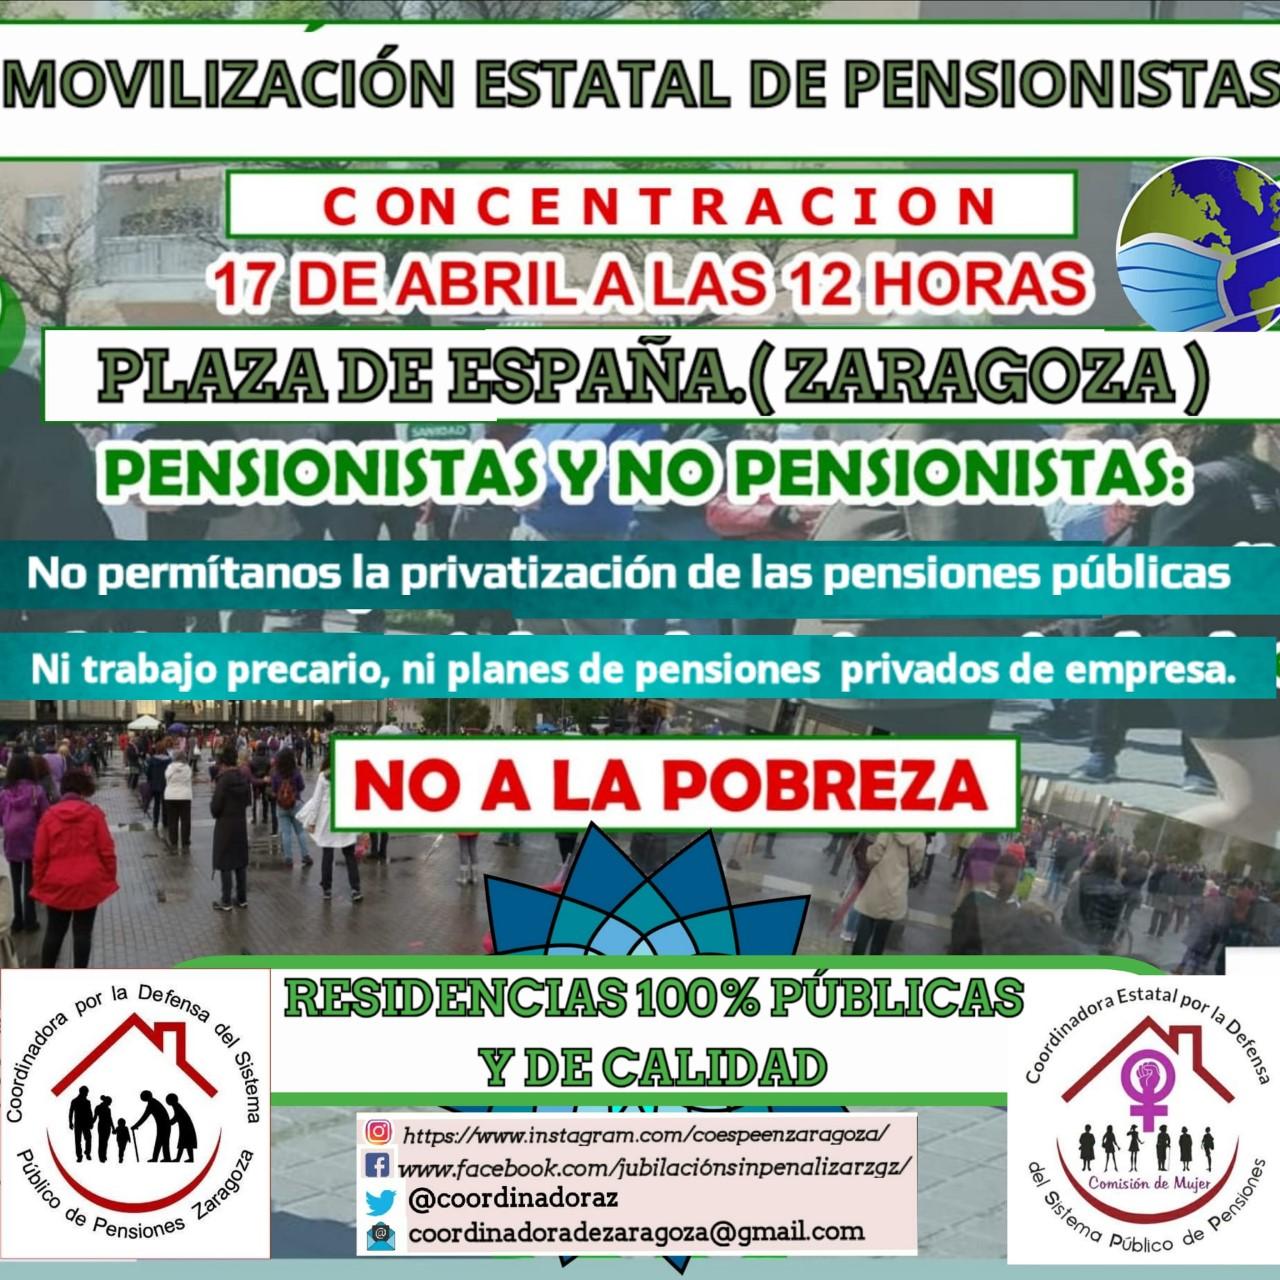 Zaragoza. Movilización estatal de pensionistas. Sábado 17 de Abril